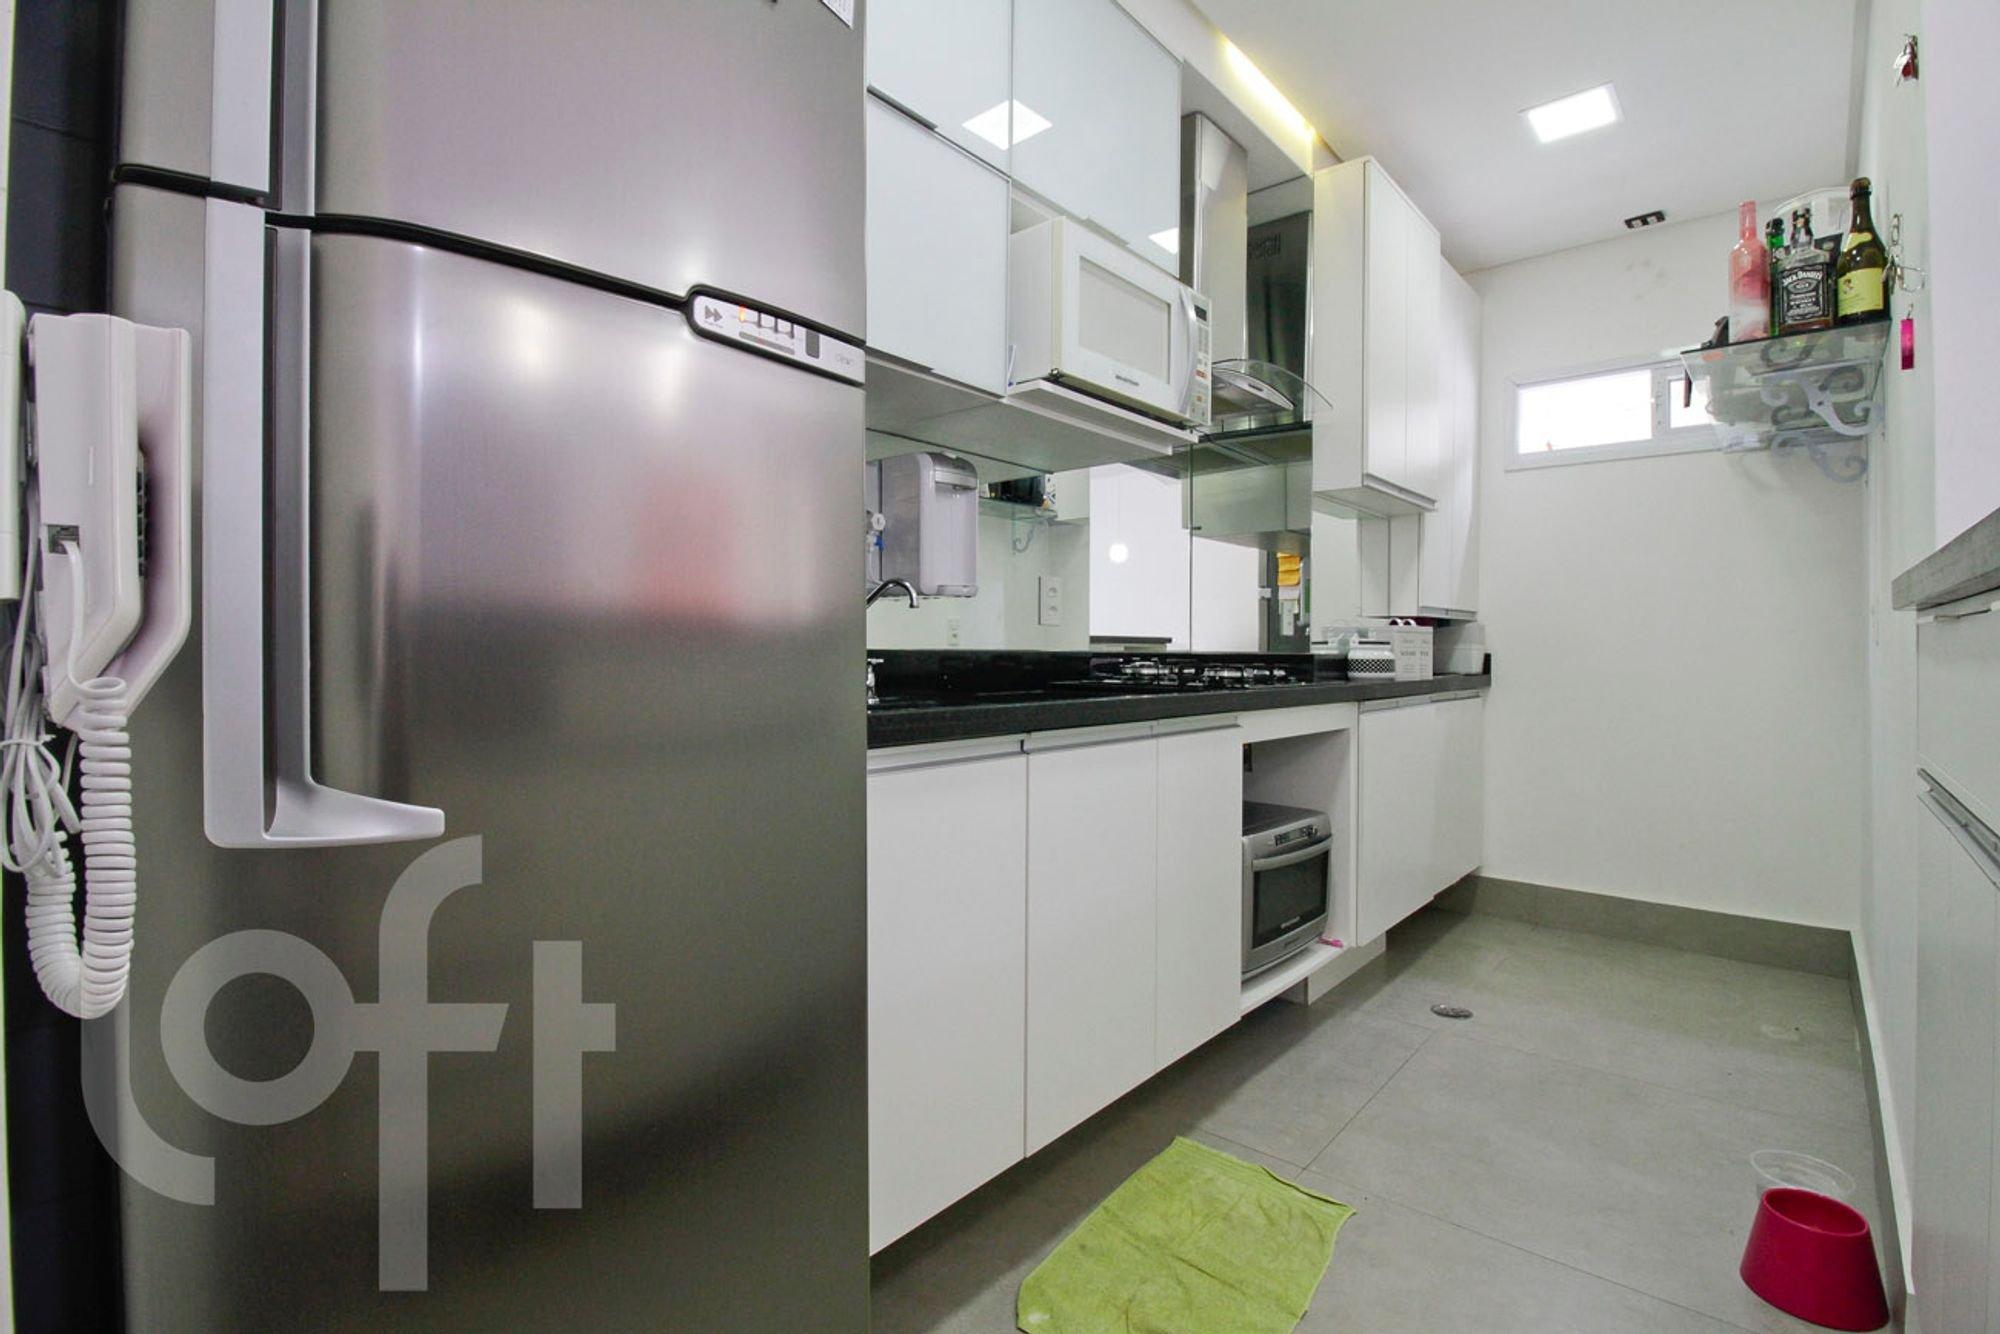 Foto de Cozinha com forno, geladeira, garrafa